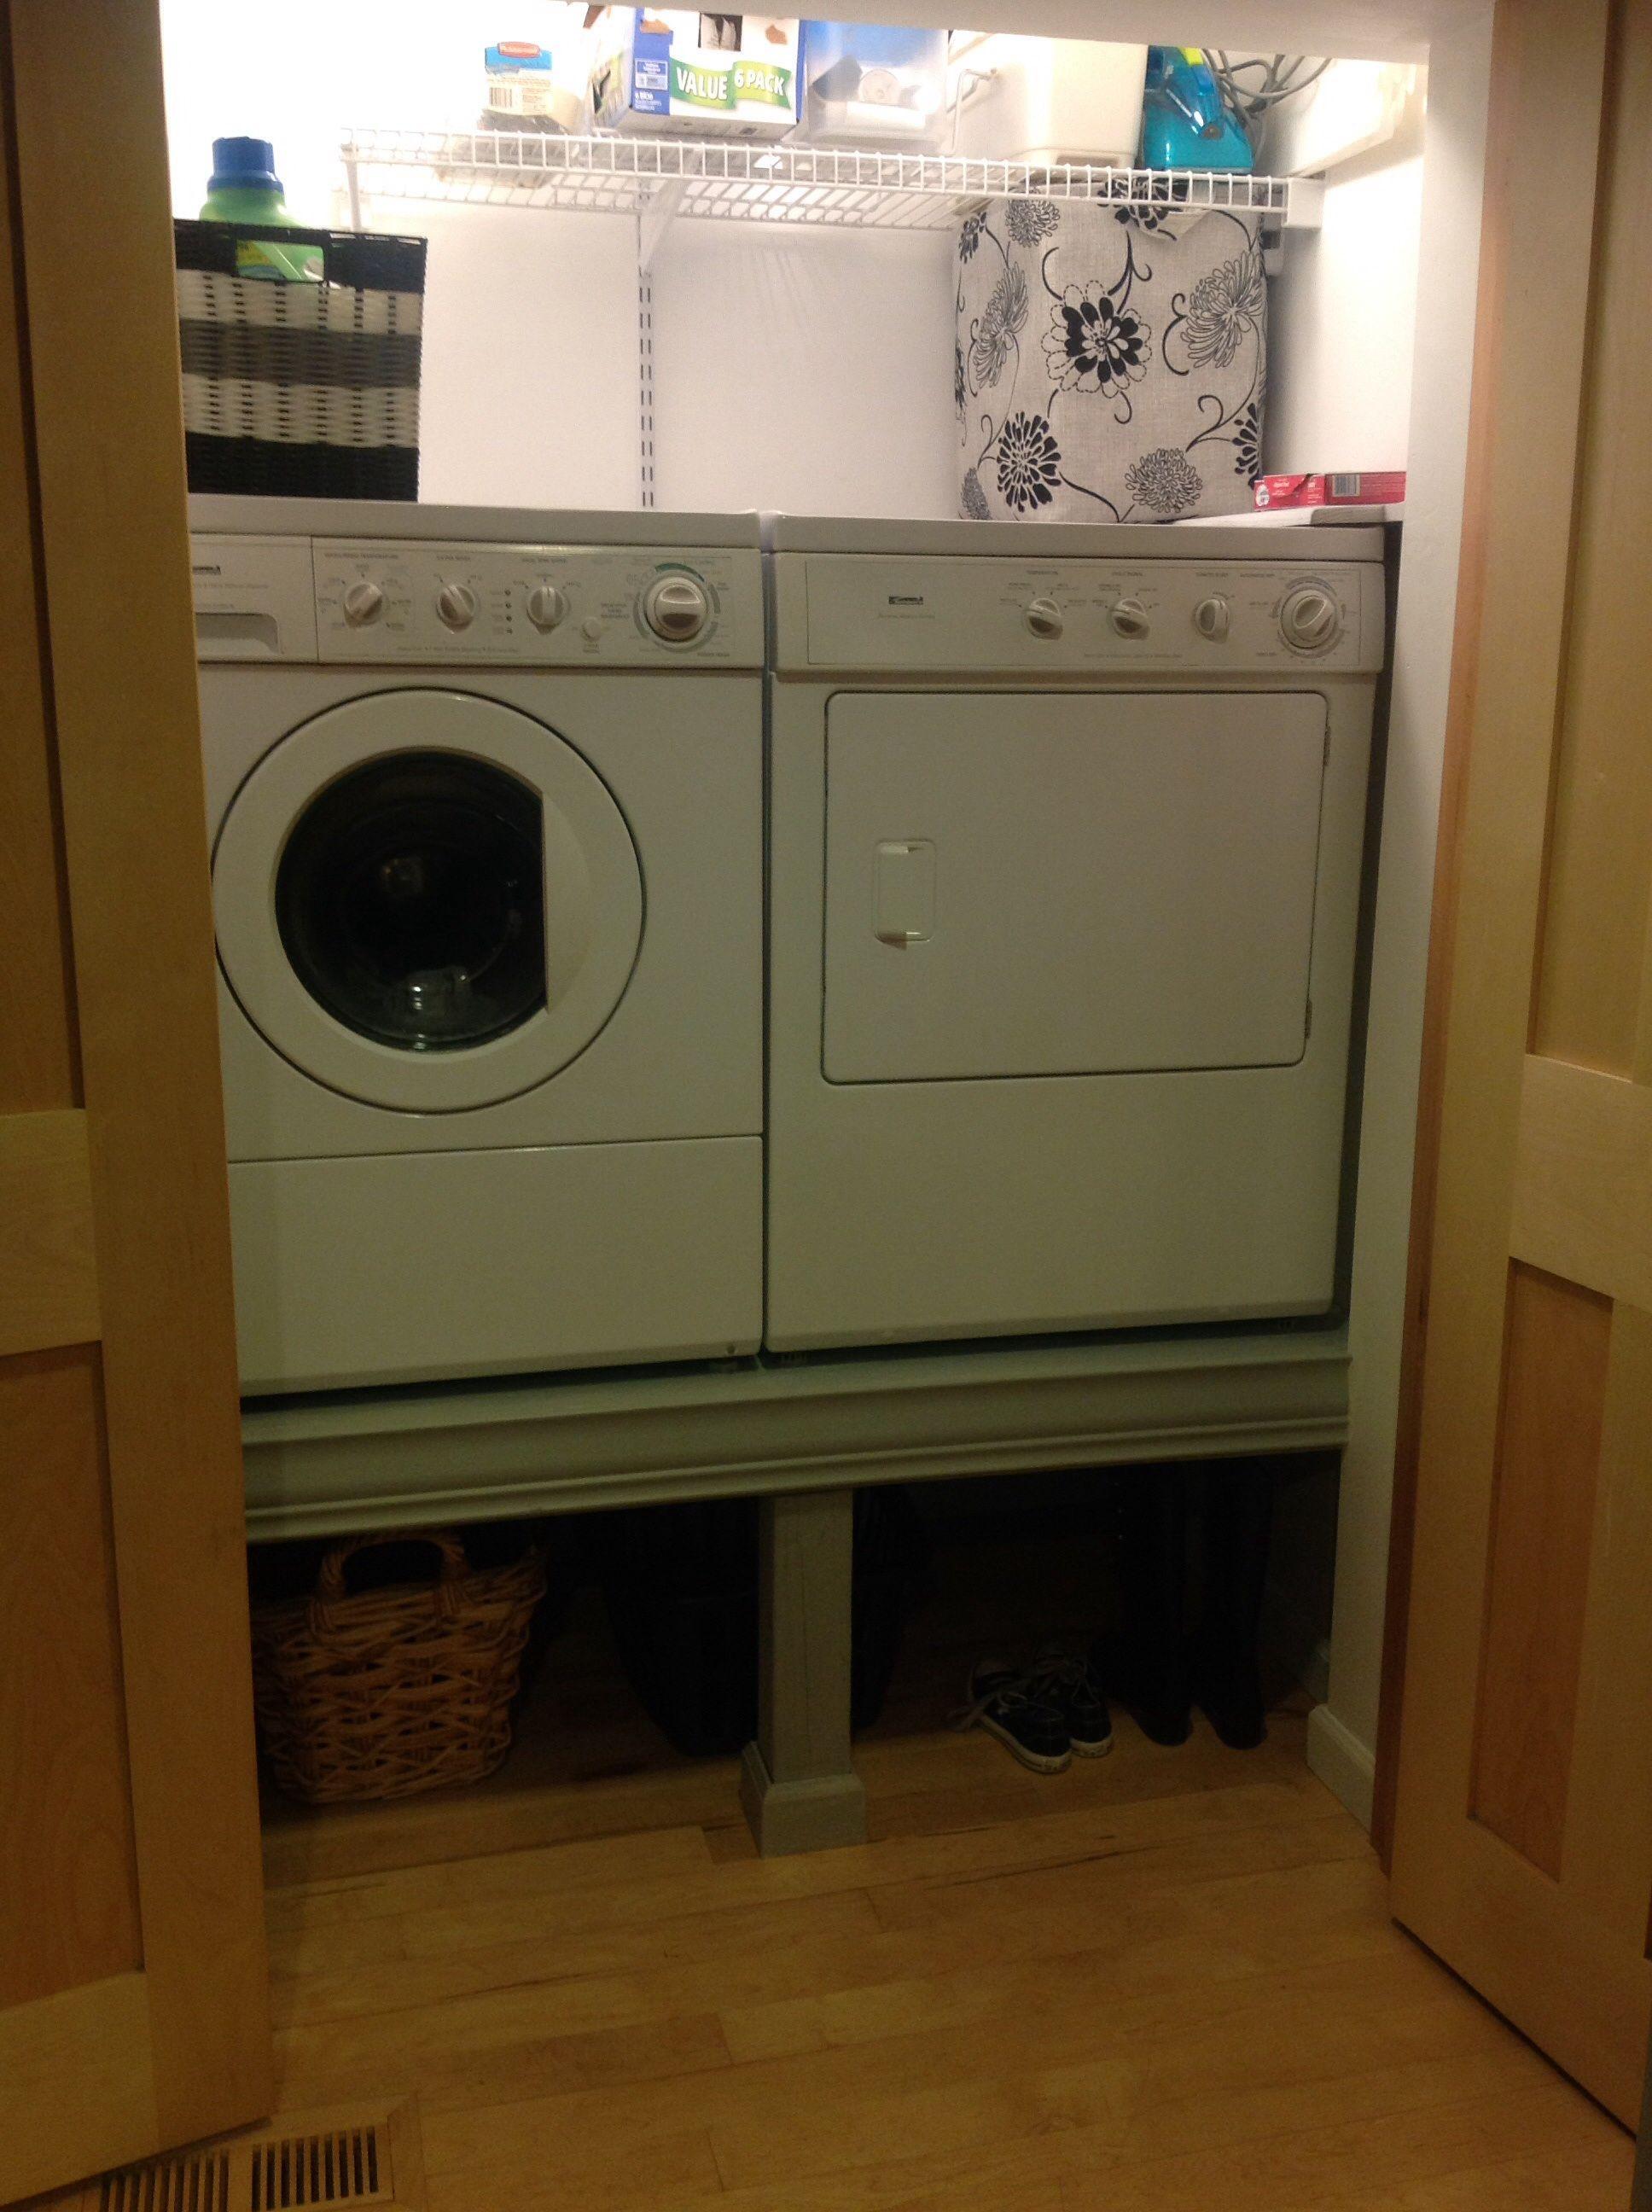 pedestal story digest twin architectural laundry wash lg machines pedestals machine